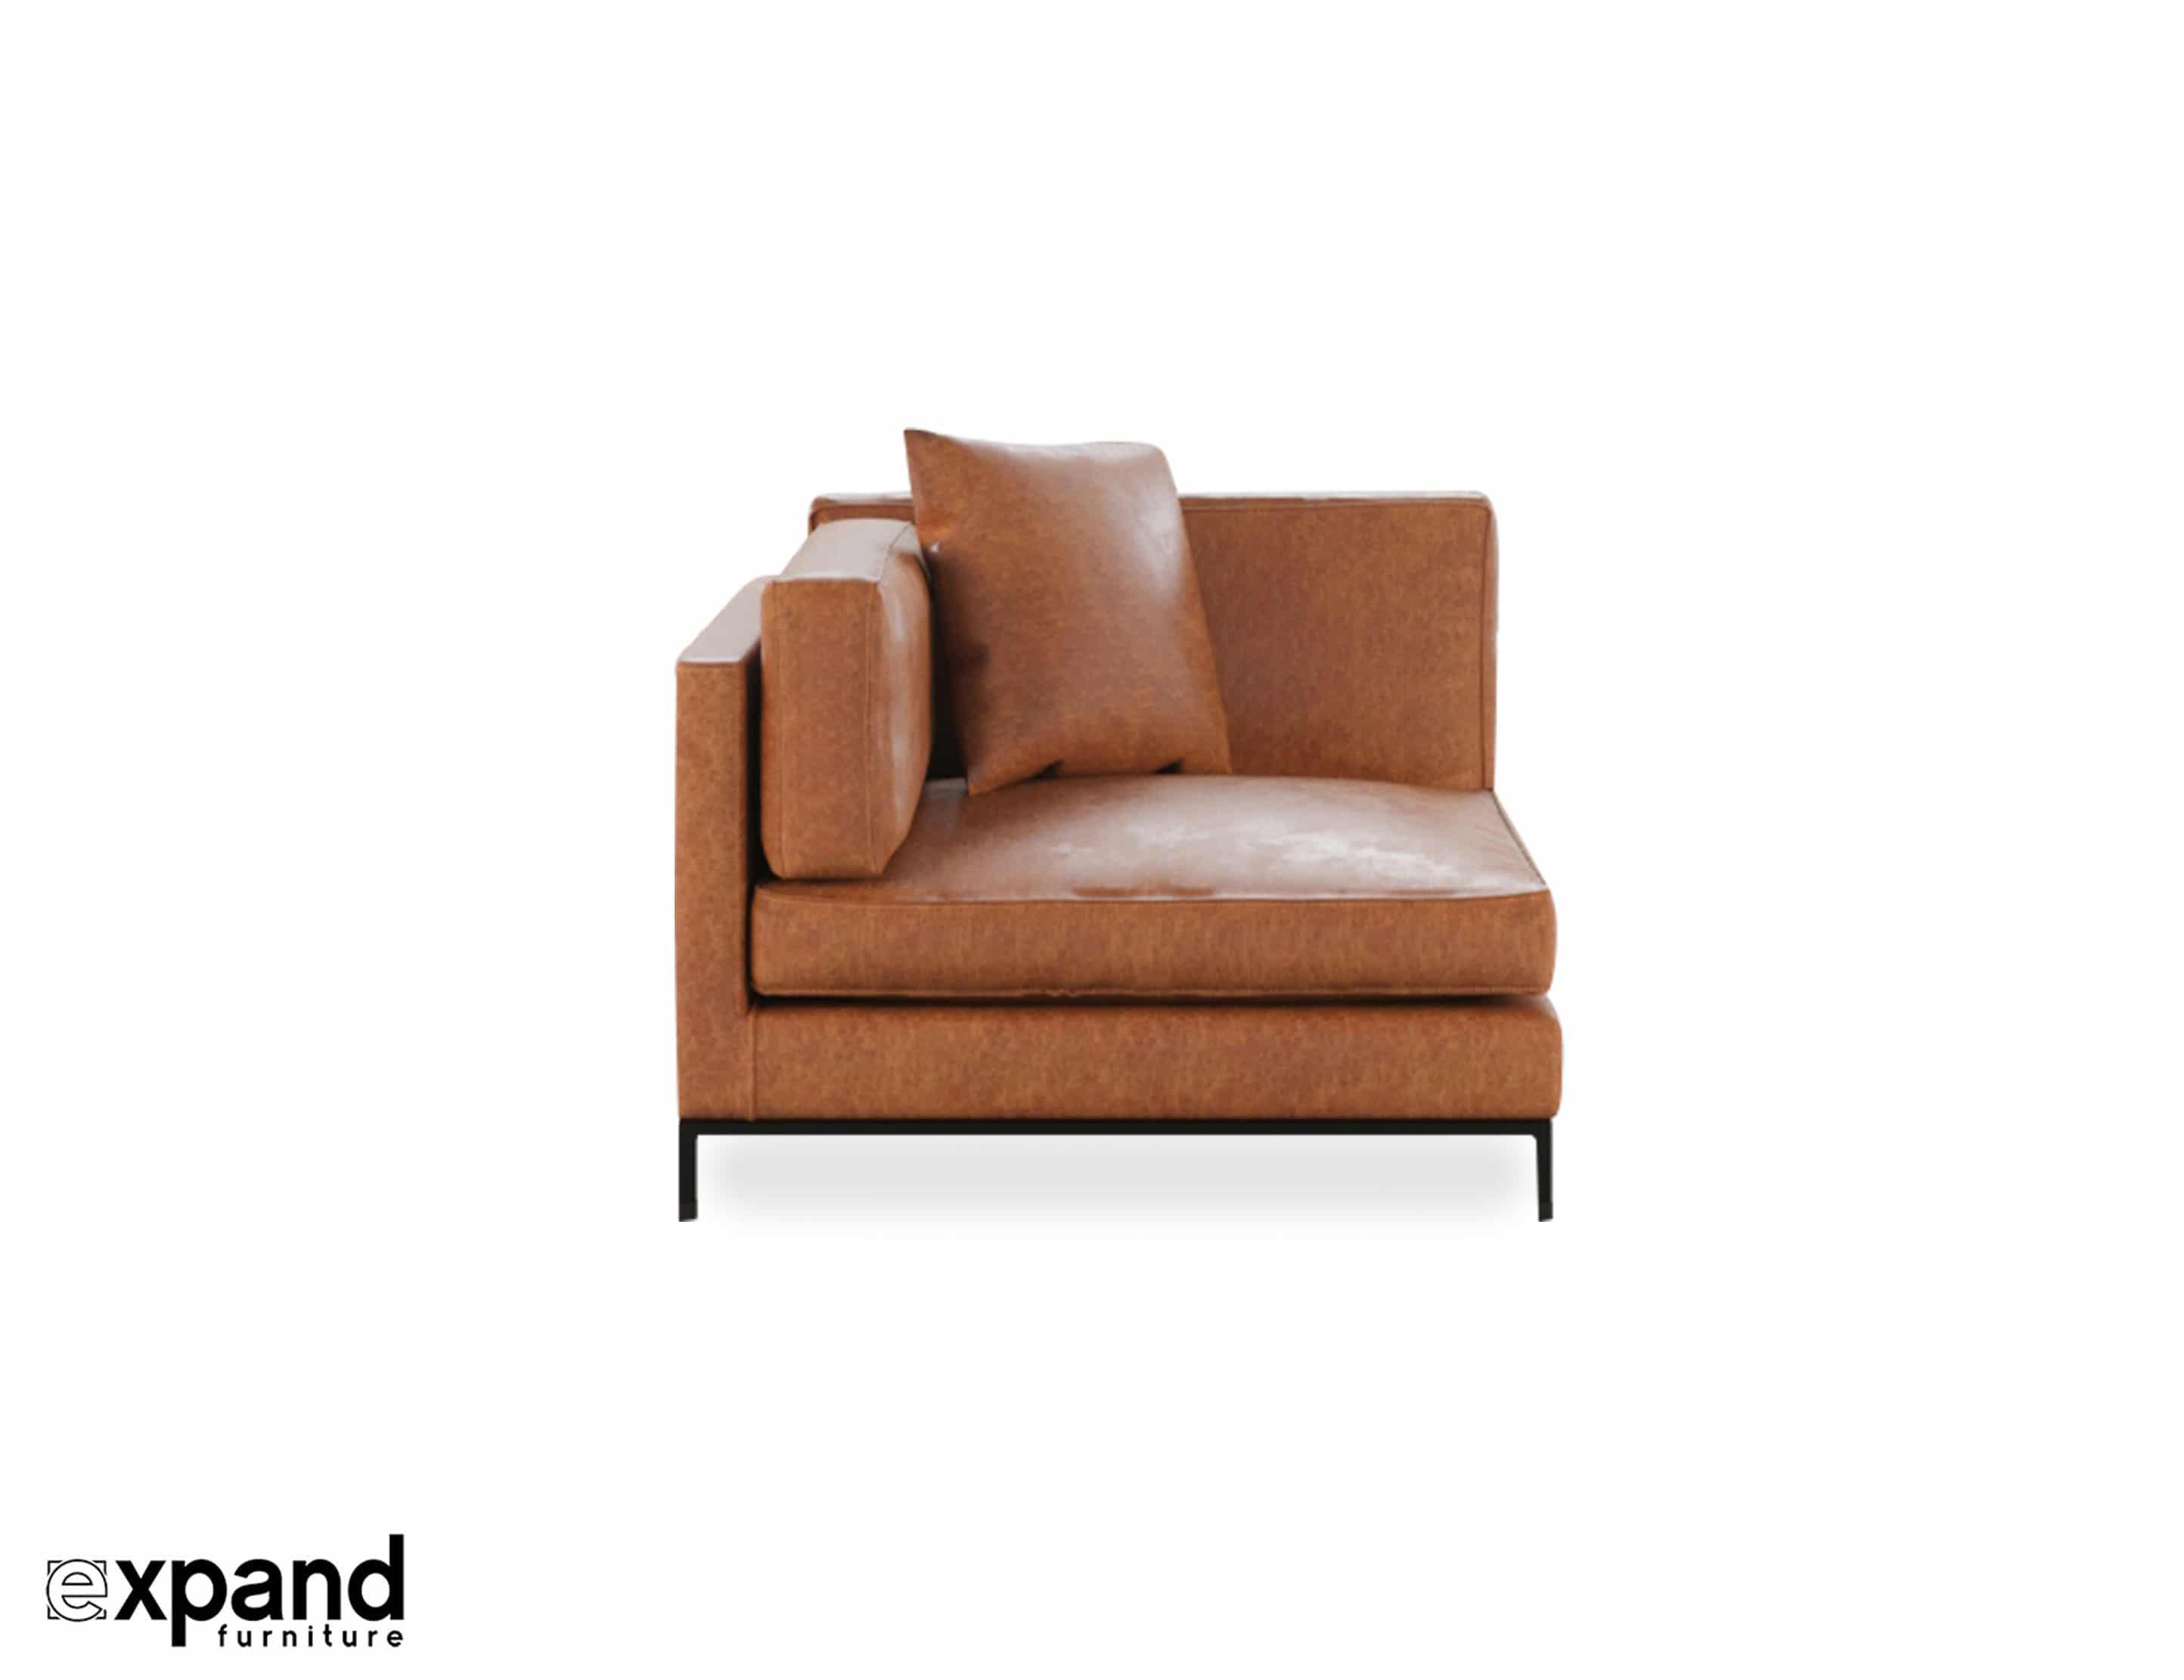 Phenomenal Migliore Corner Sofa Module Inzonedesignstudio Interior Chair Design Inzonedesignstudiocom